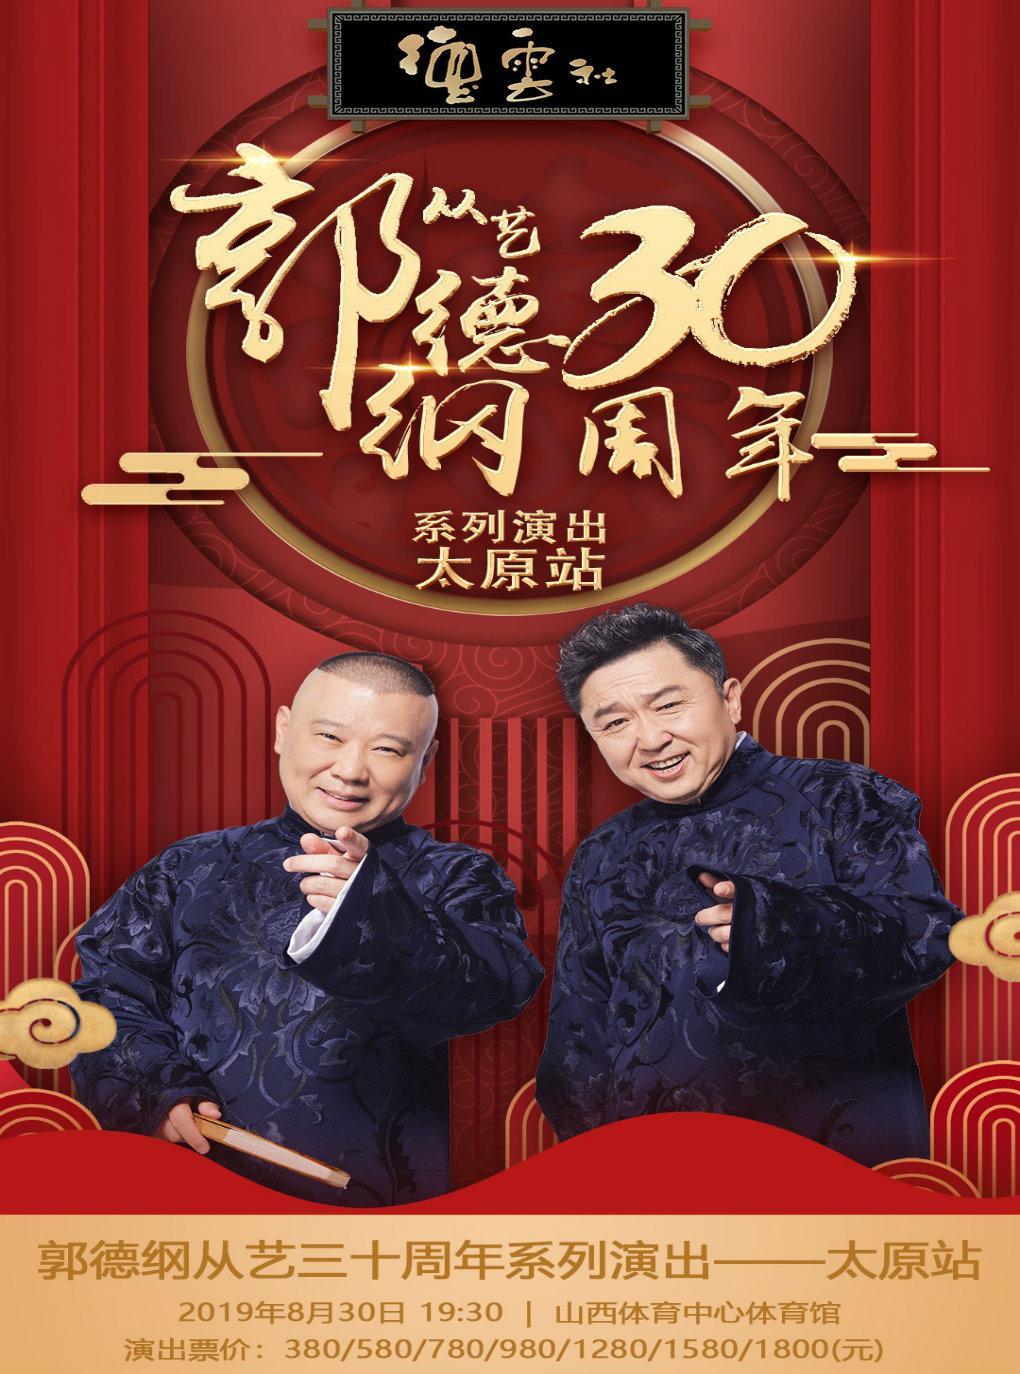 郭德纲从艺30周年系列演出